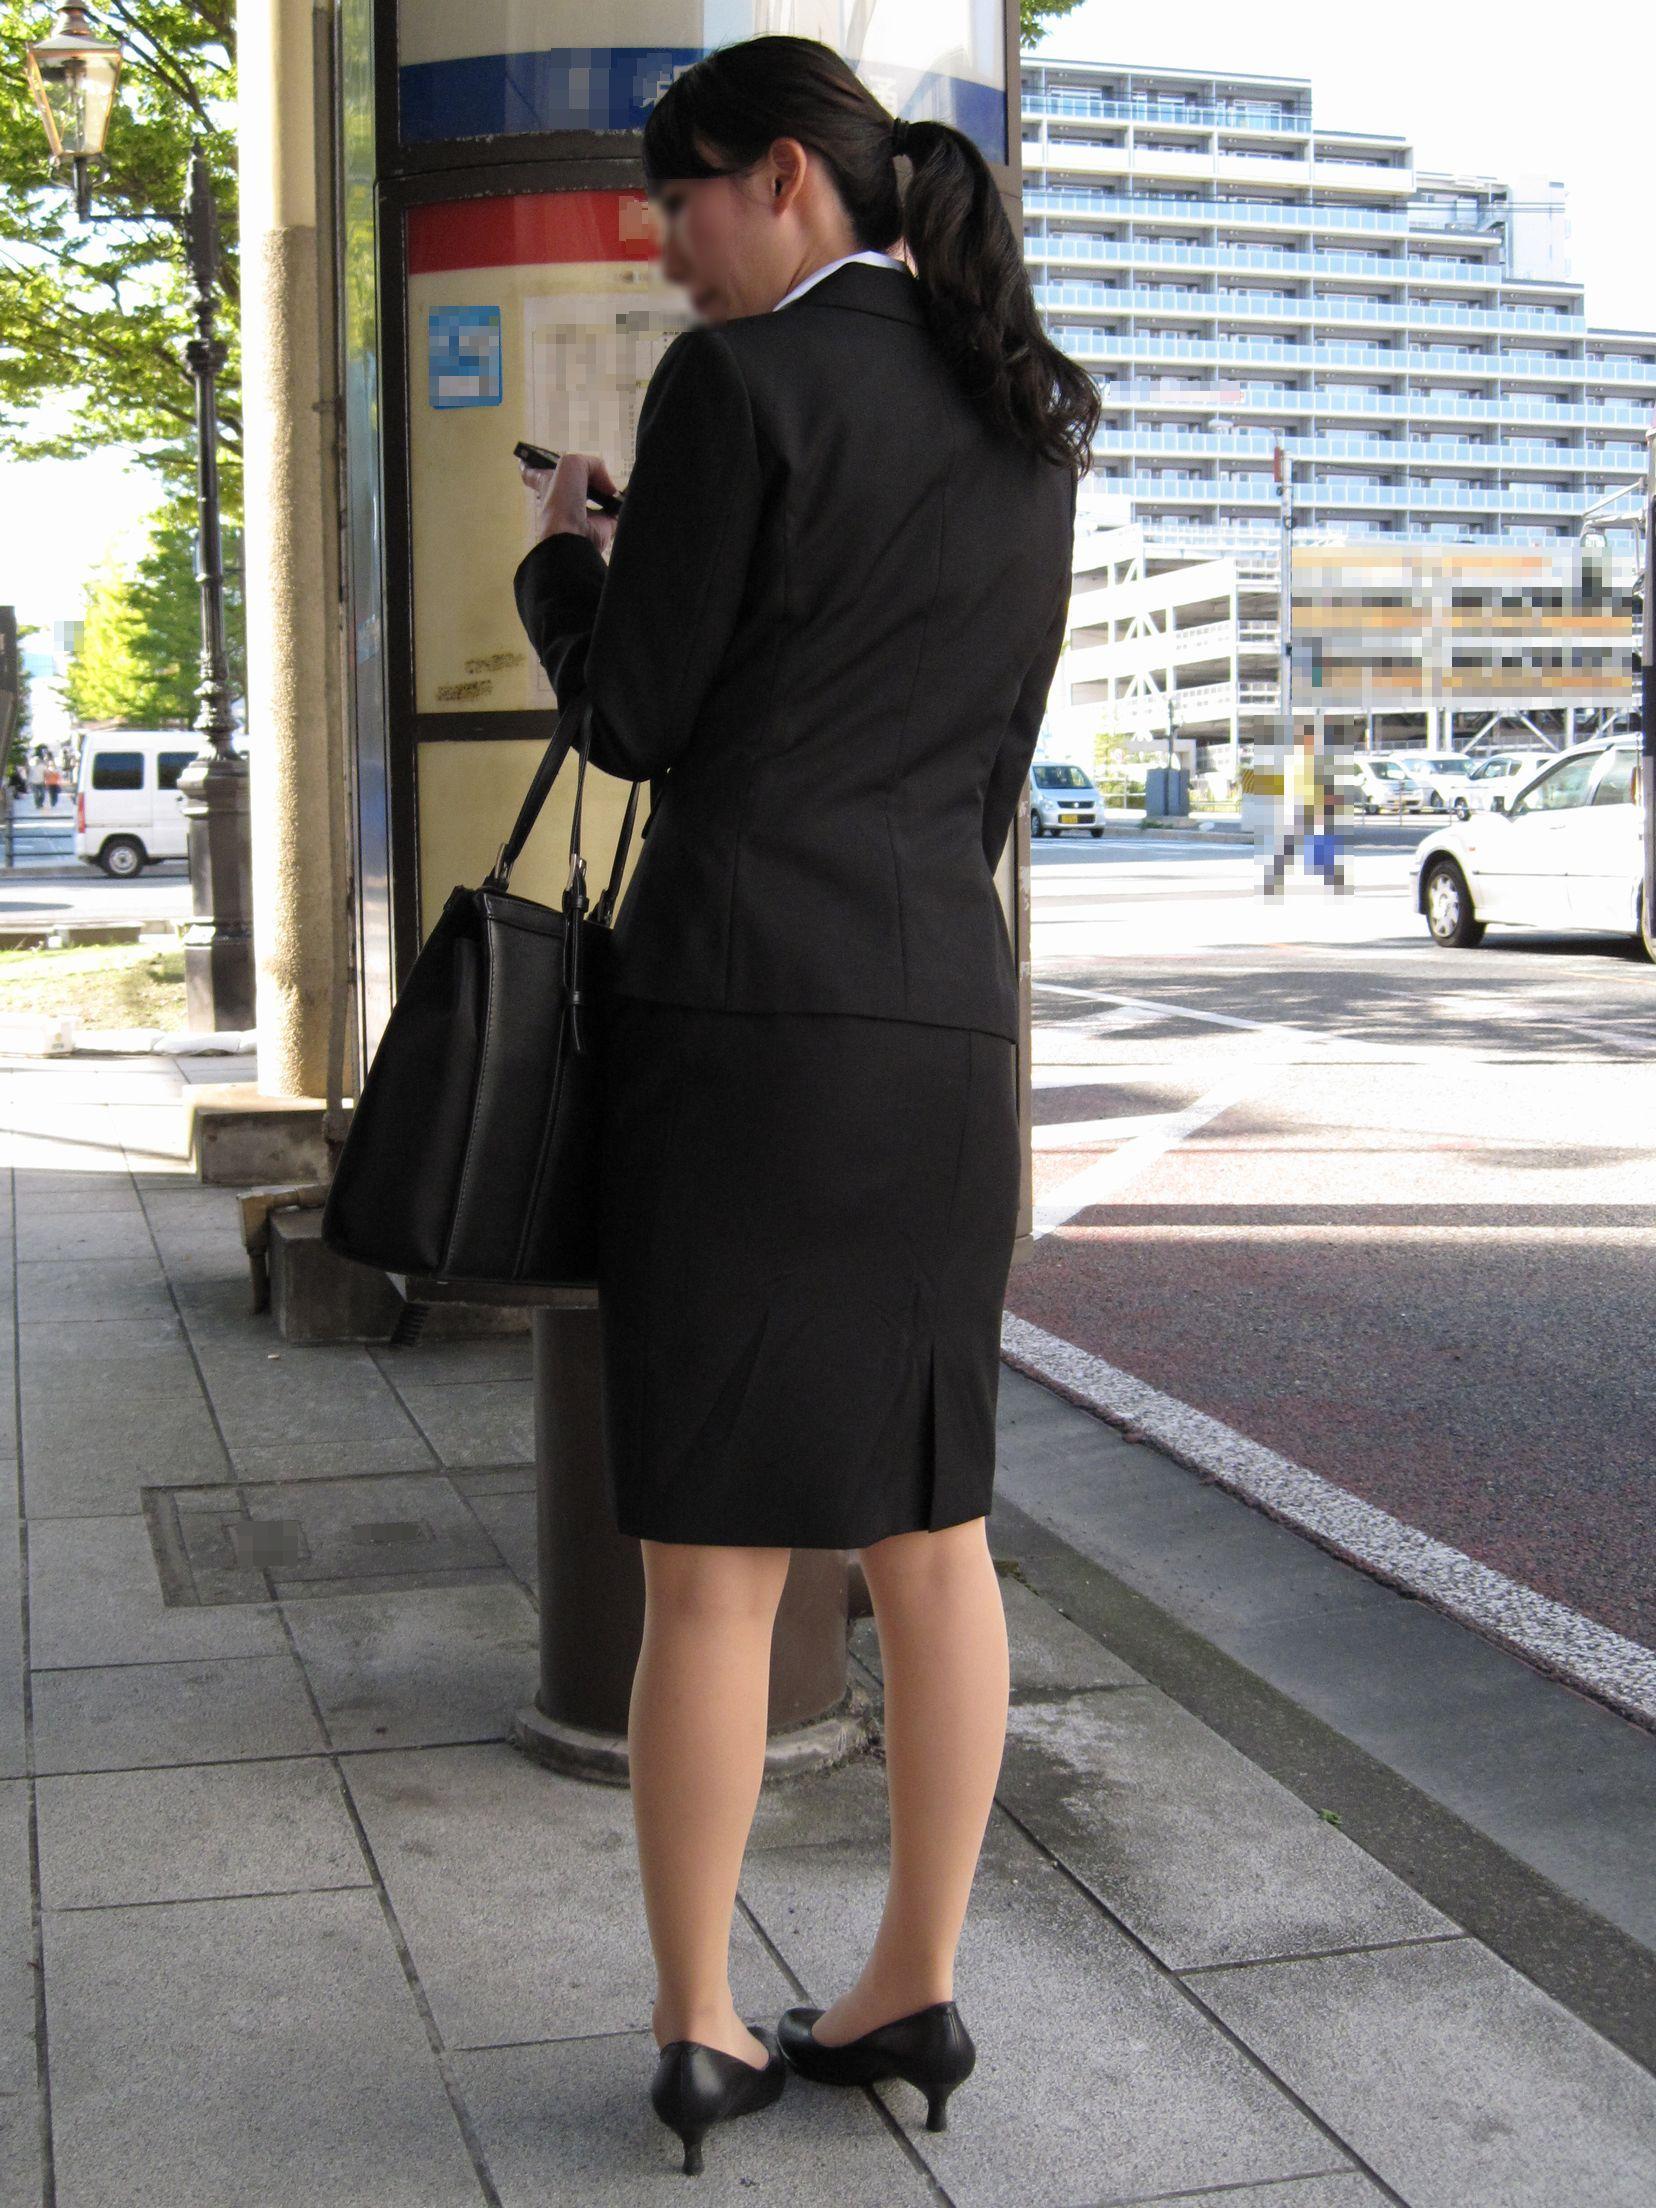 【街撮り画像】就活真っ只中なJDのリクスー尻と美脚を観察www 14